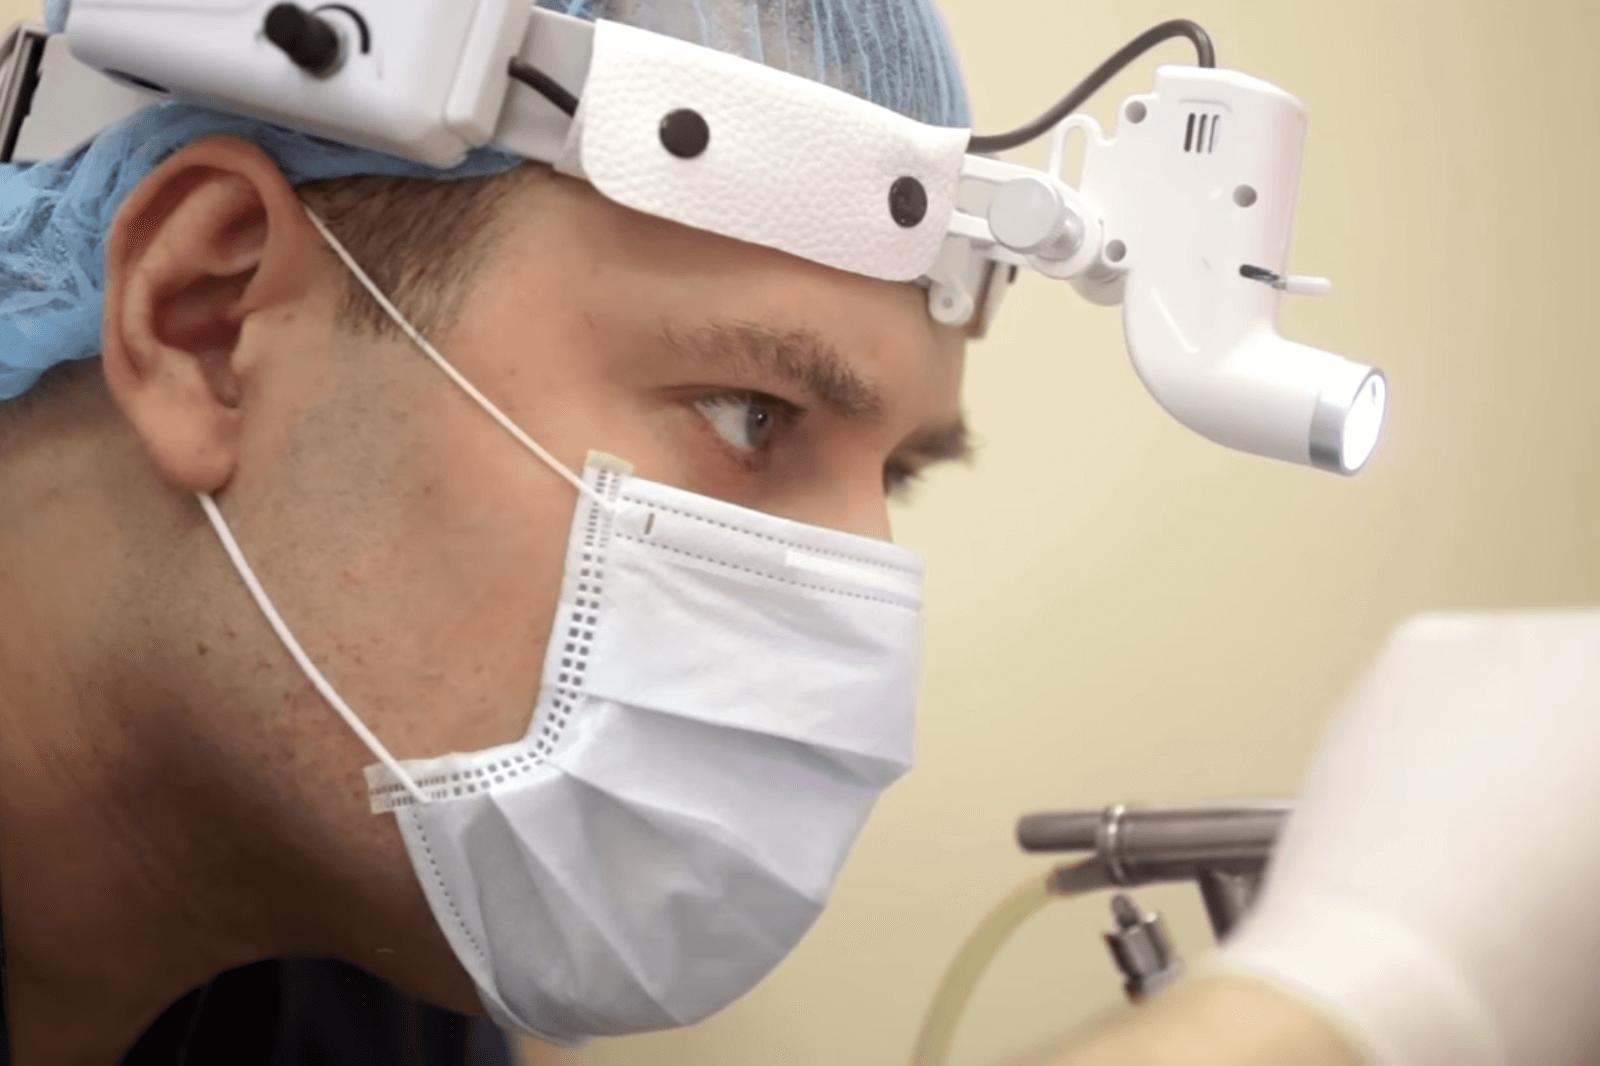 Криотерапия миндалин – на частые вопросы отвечает ЛОР-врач